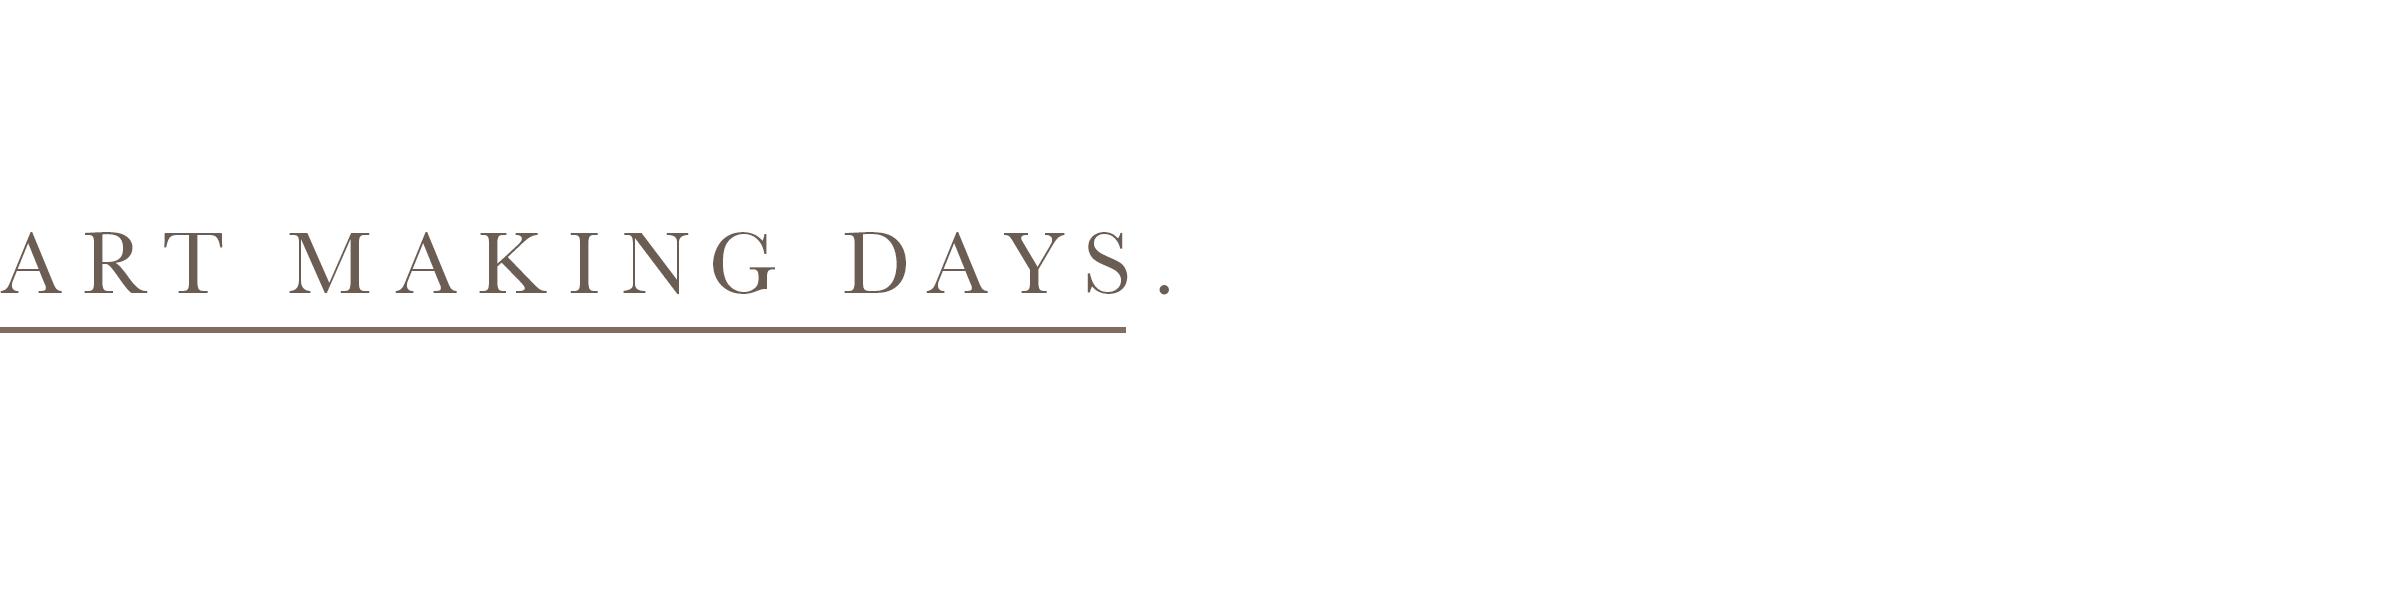 Tierney-ArtMaking-Days-Banner.jpg